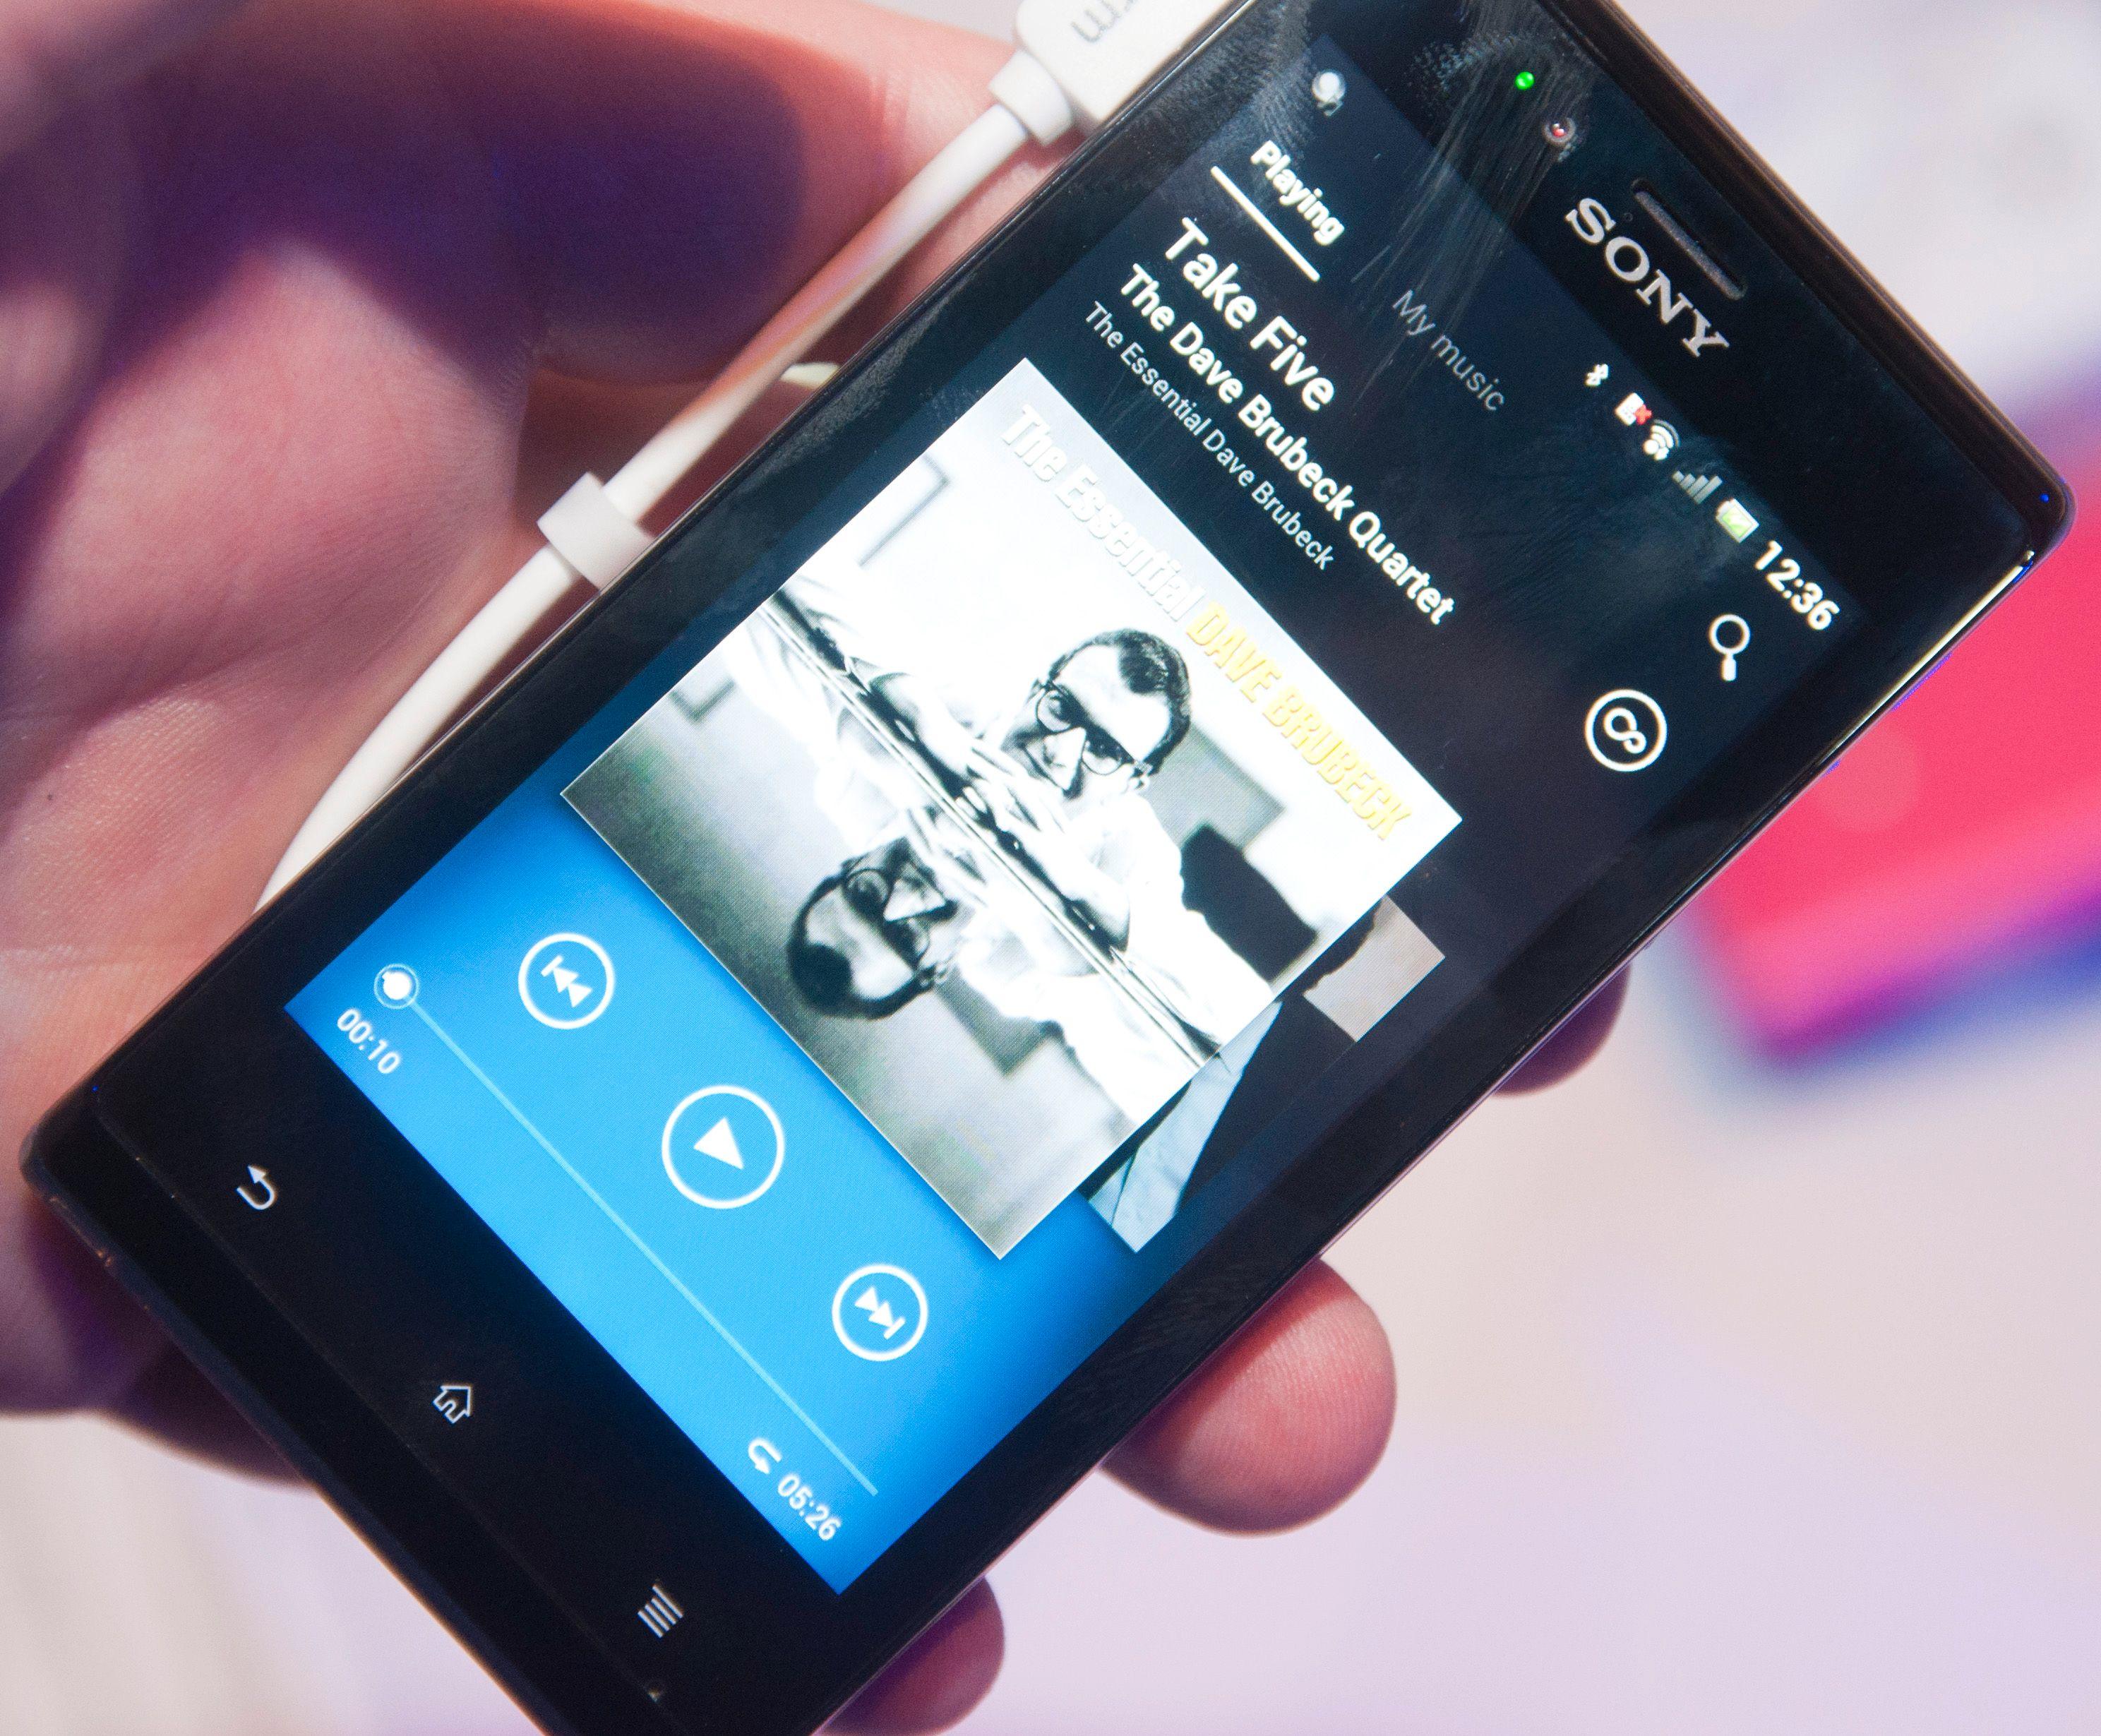 Musikkspilleren har blitt omdøpt til Walkman og har mange nyttige funksjoner.